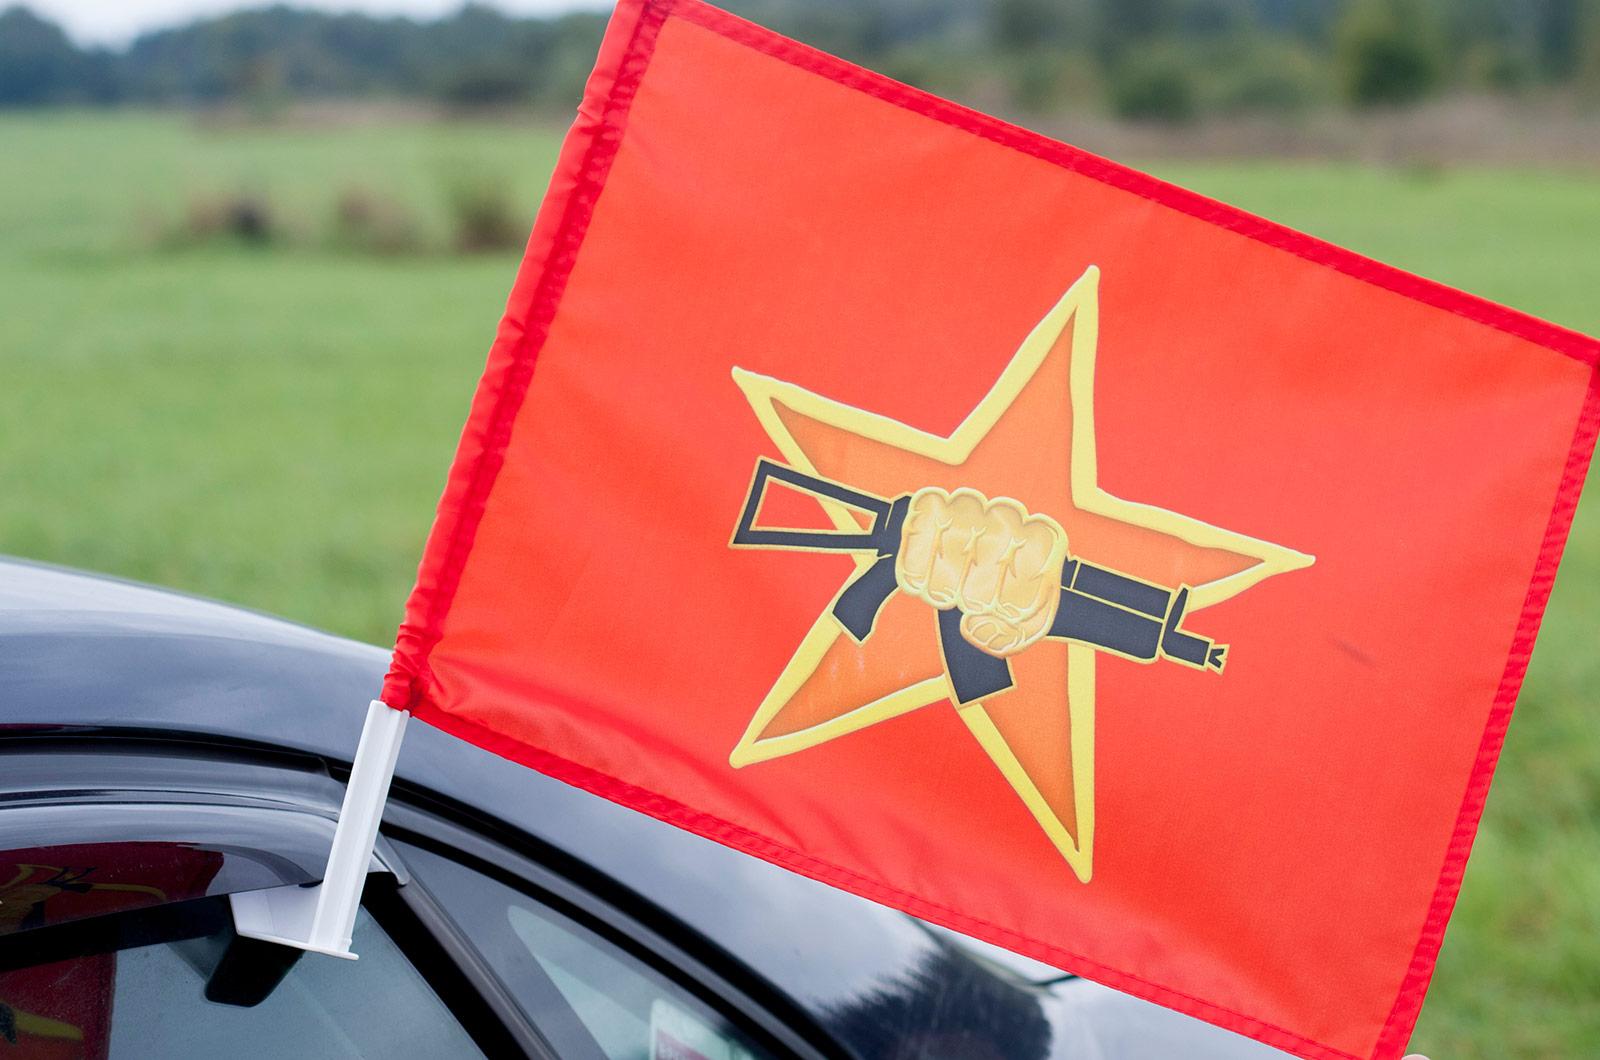 Флаги и сувениры для оперативных работников МВД